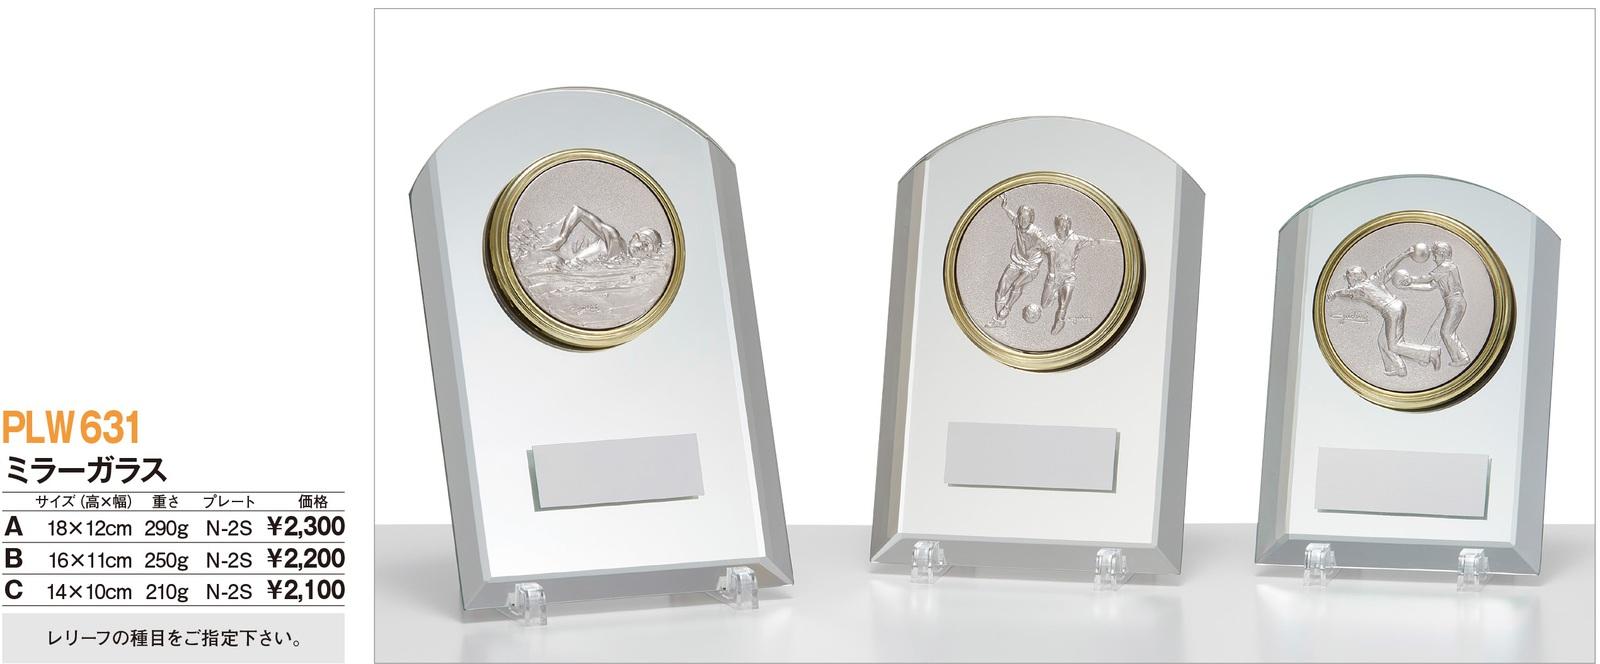 トロフィー工房のトロフィーは リボン無料 通販 激安 高品質レーザー印字無料 10000円以上お買い上げで送料無料 N-2S PLW631C 新作通販 楯